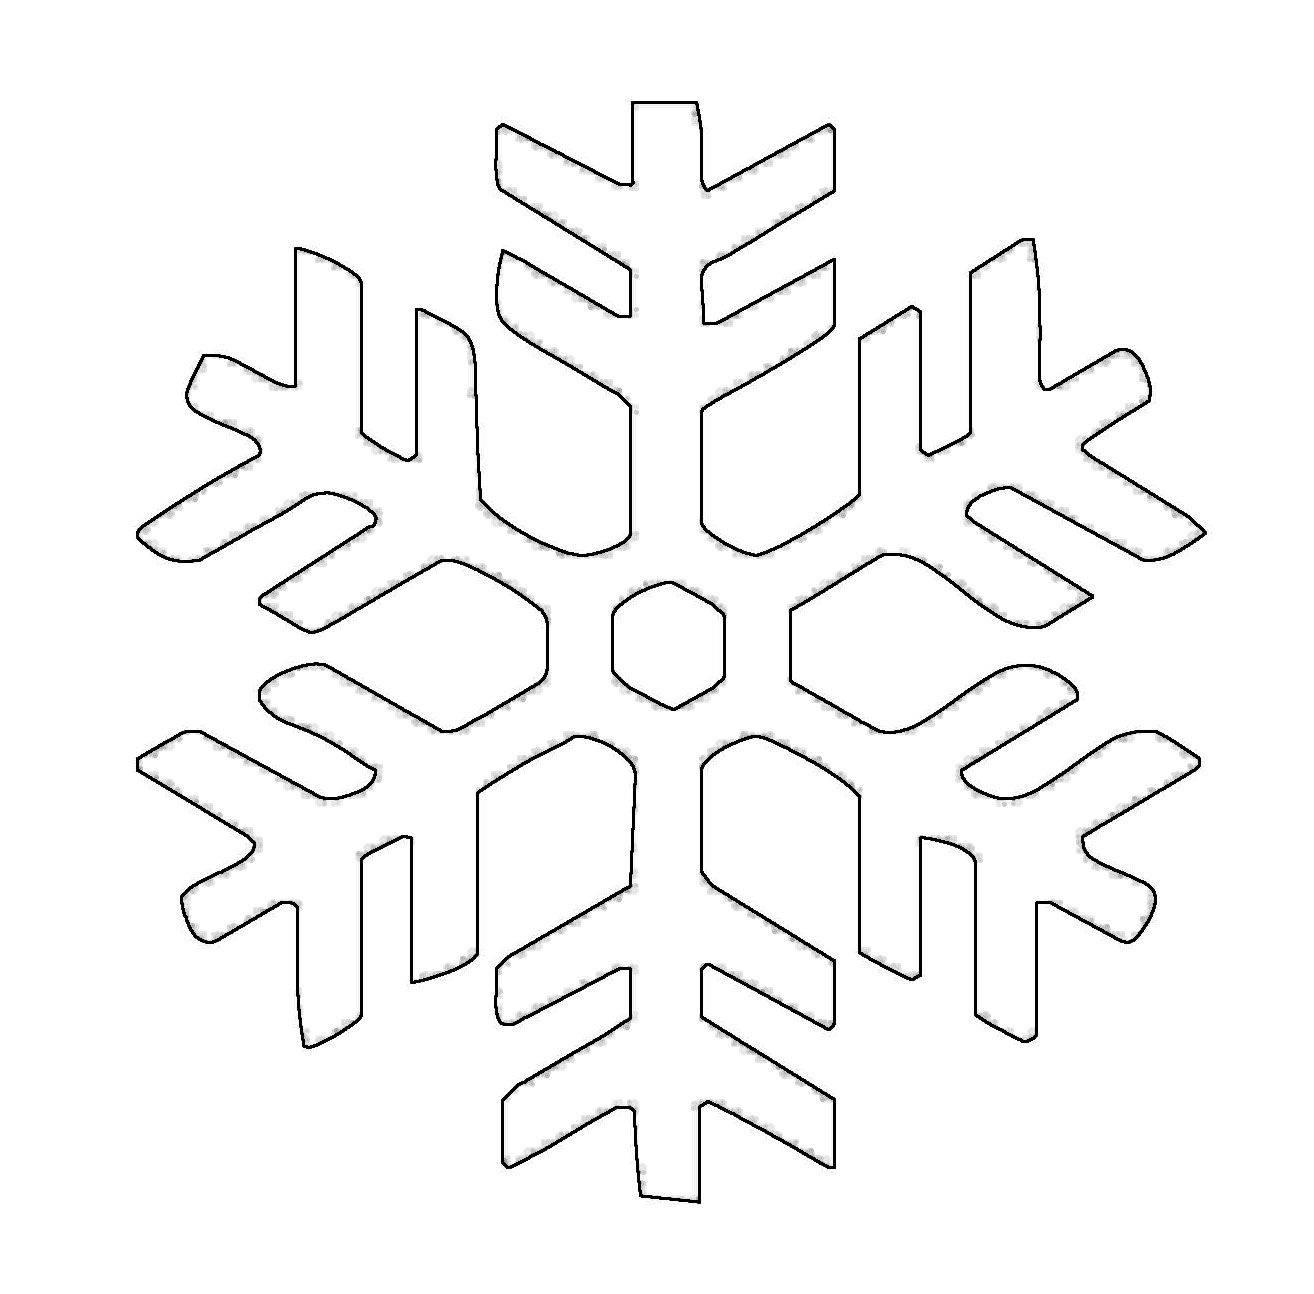 kostenlose malvorlage schneeflocken und sterne schneeflocke 11 zum ausmalen. Black Bedroom Furniture Sets. Home Design Ideas